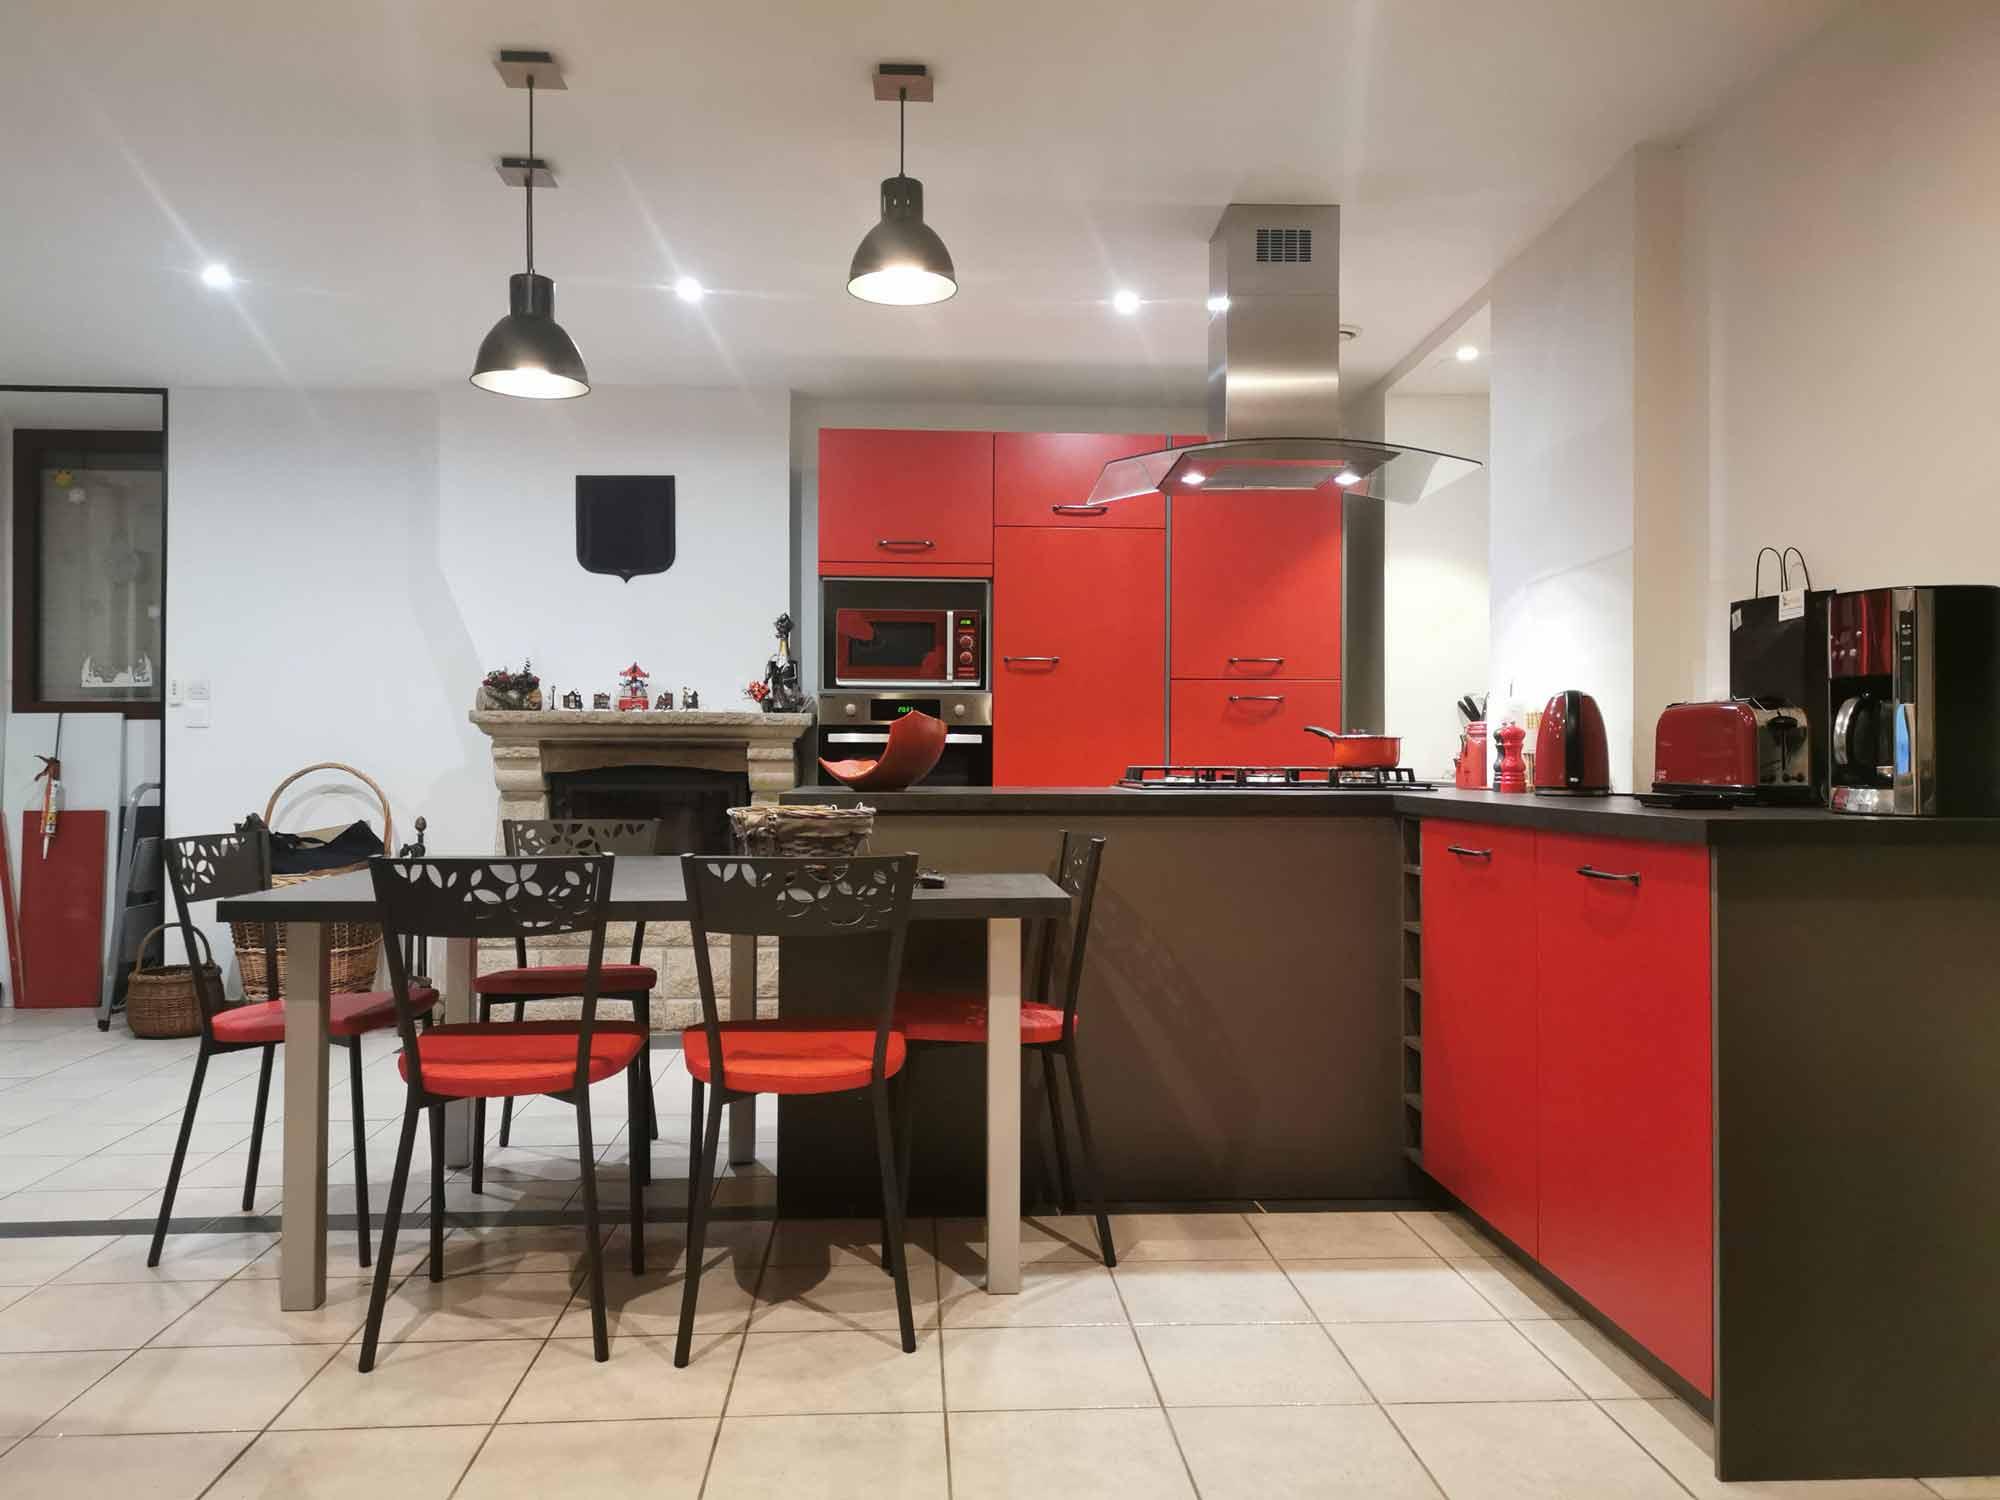 Décoration cuisine moderne rénovation Concept Deko